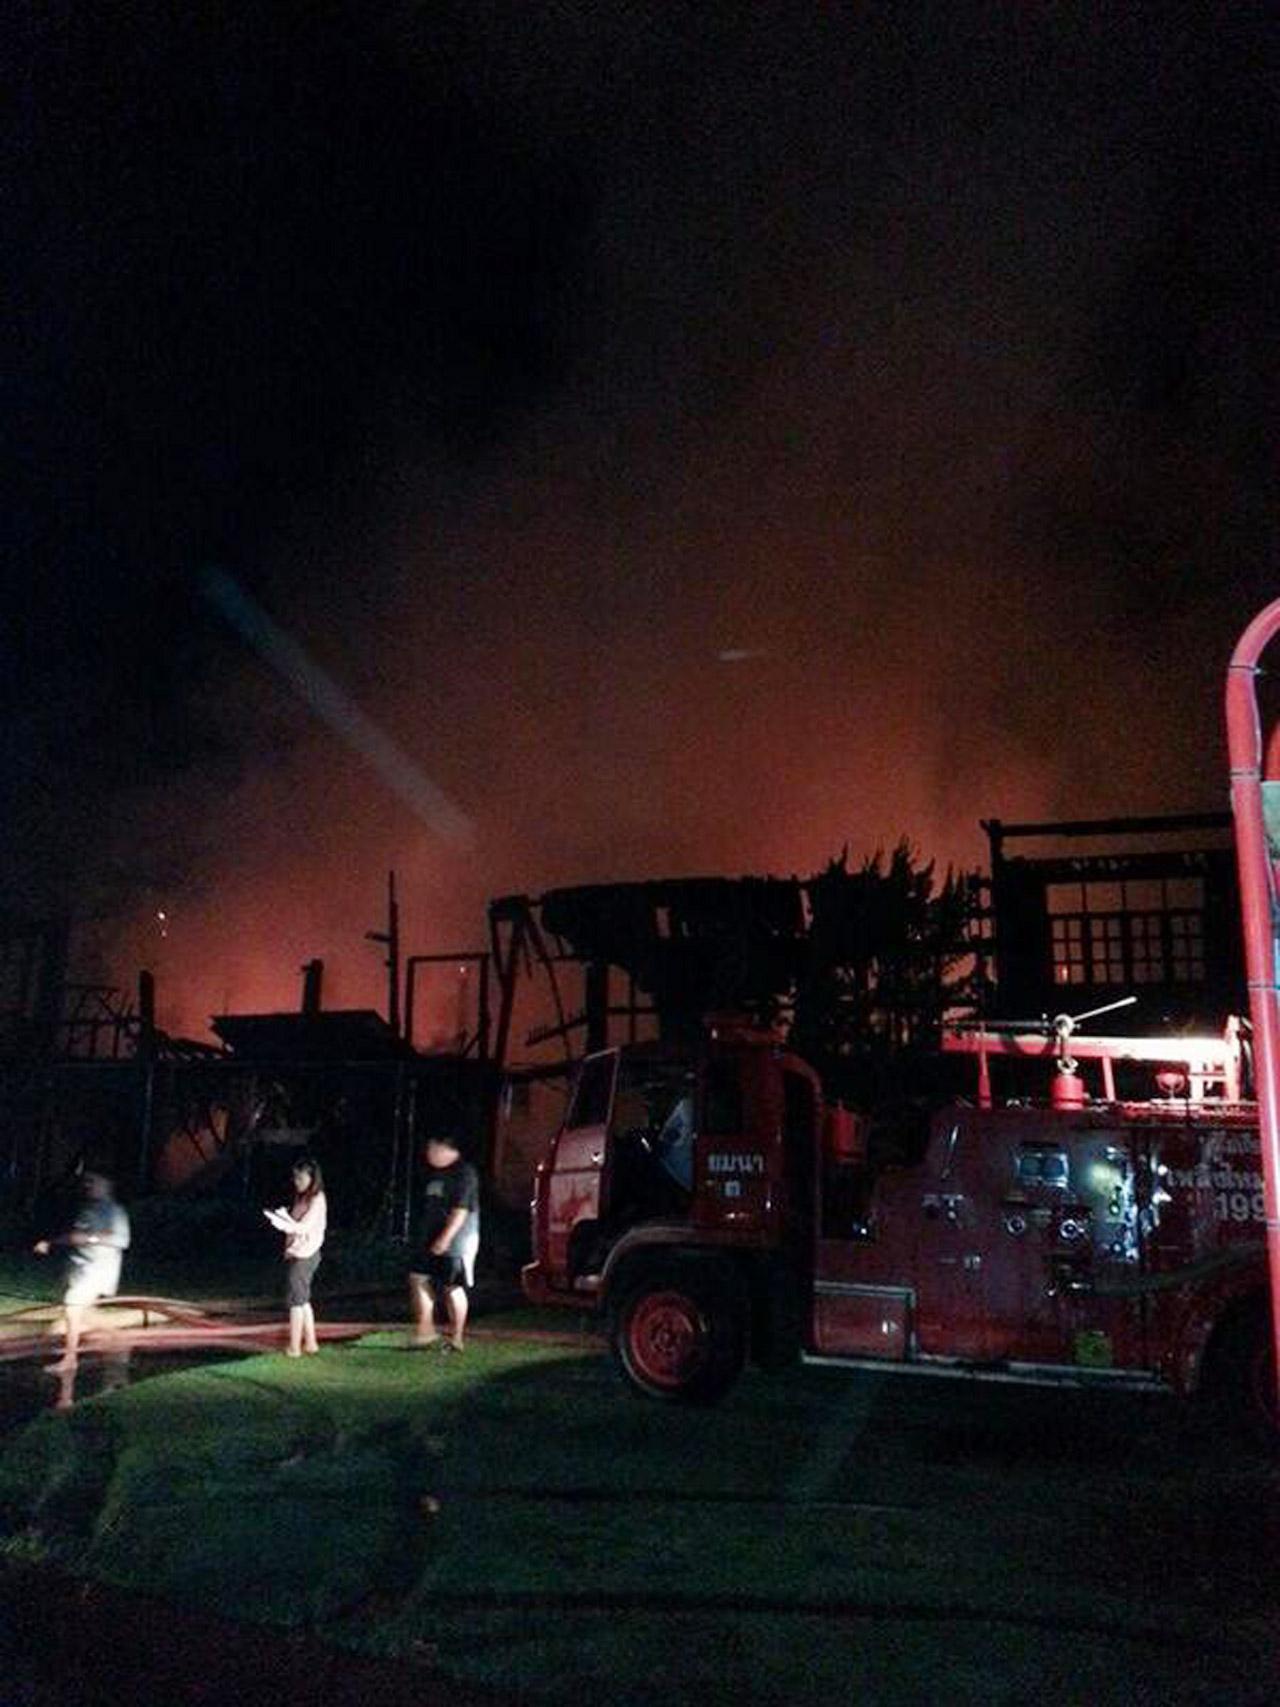 สภาพบ้านหลังควบคุมเพลิงได้ เบื้องต้นเสียหายทั้งหลัง